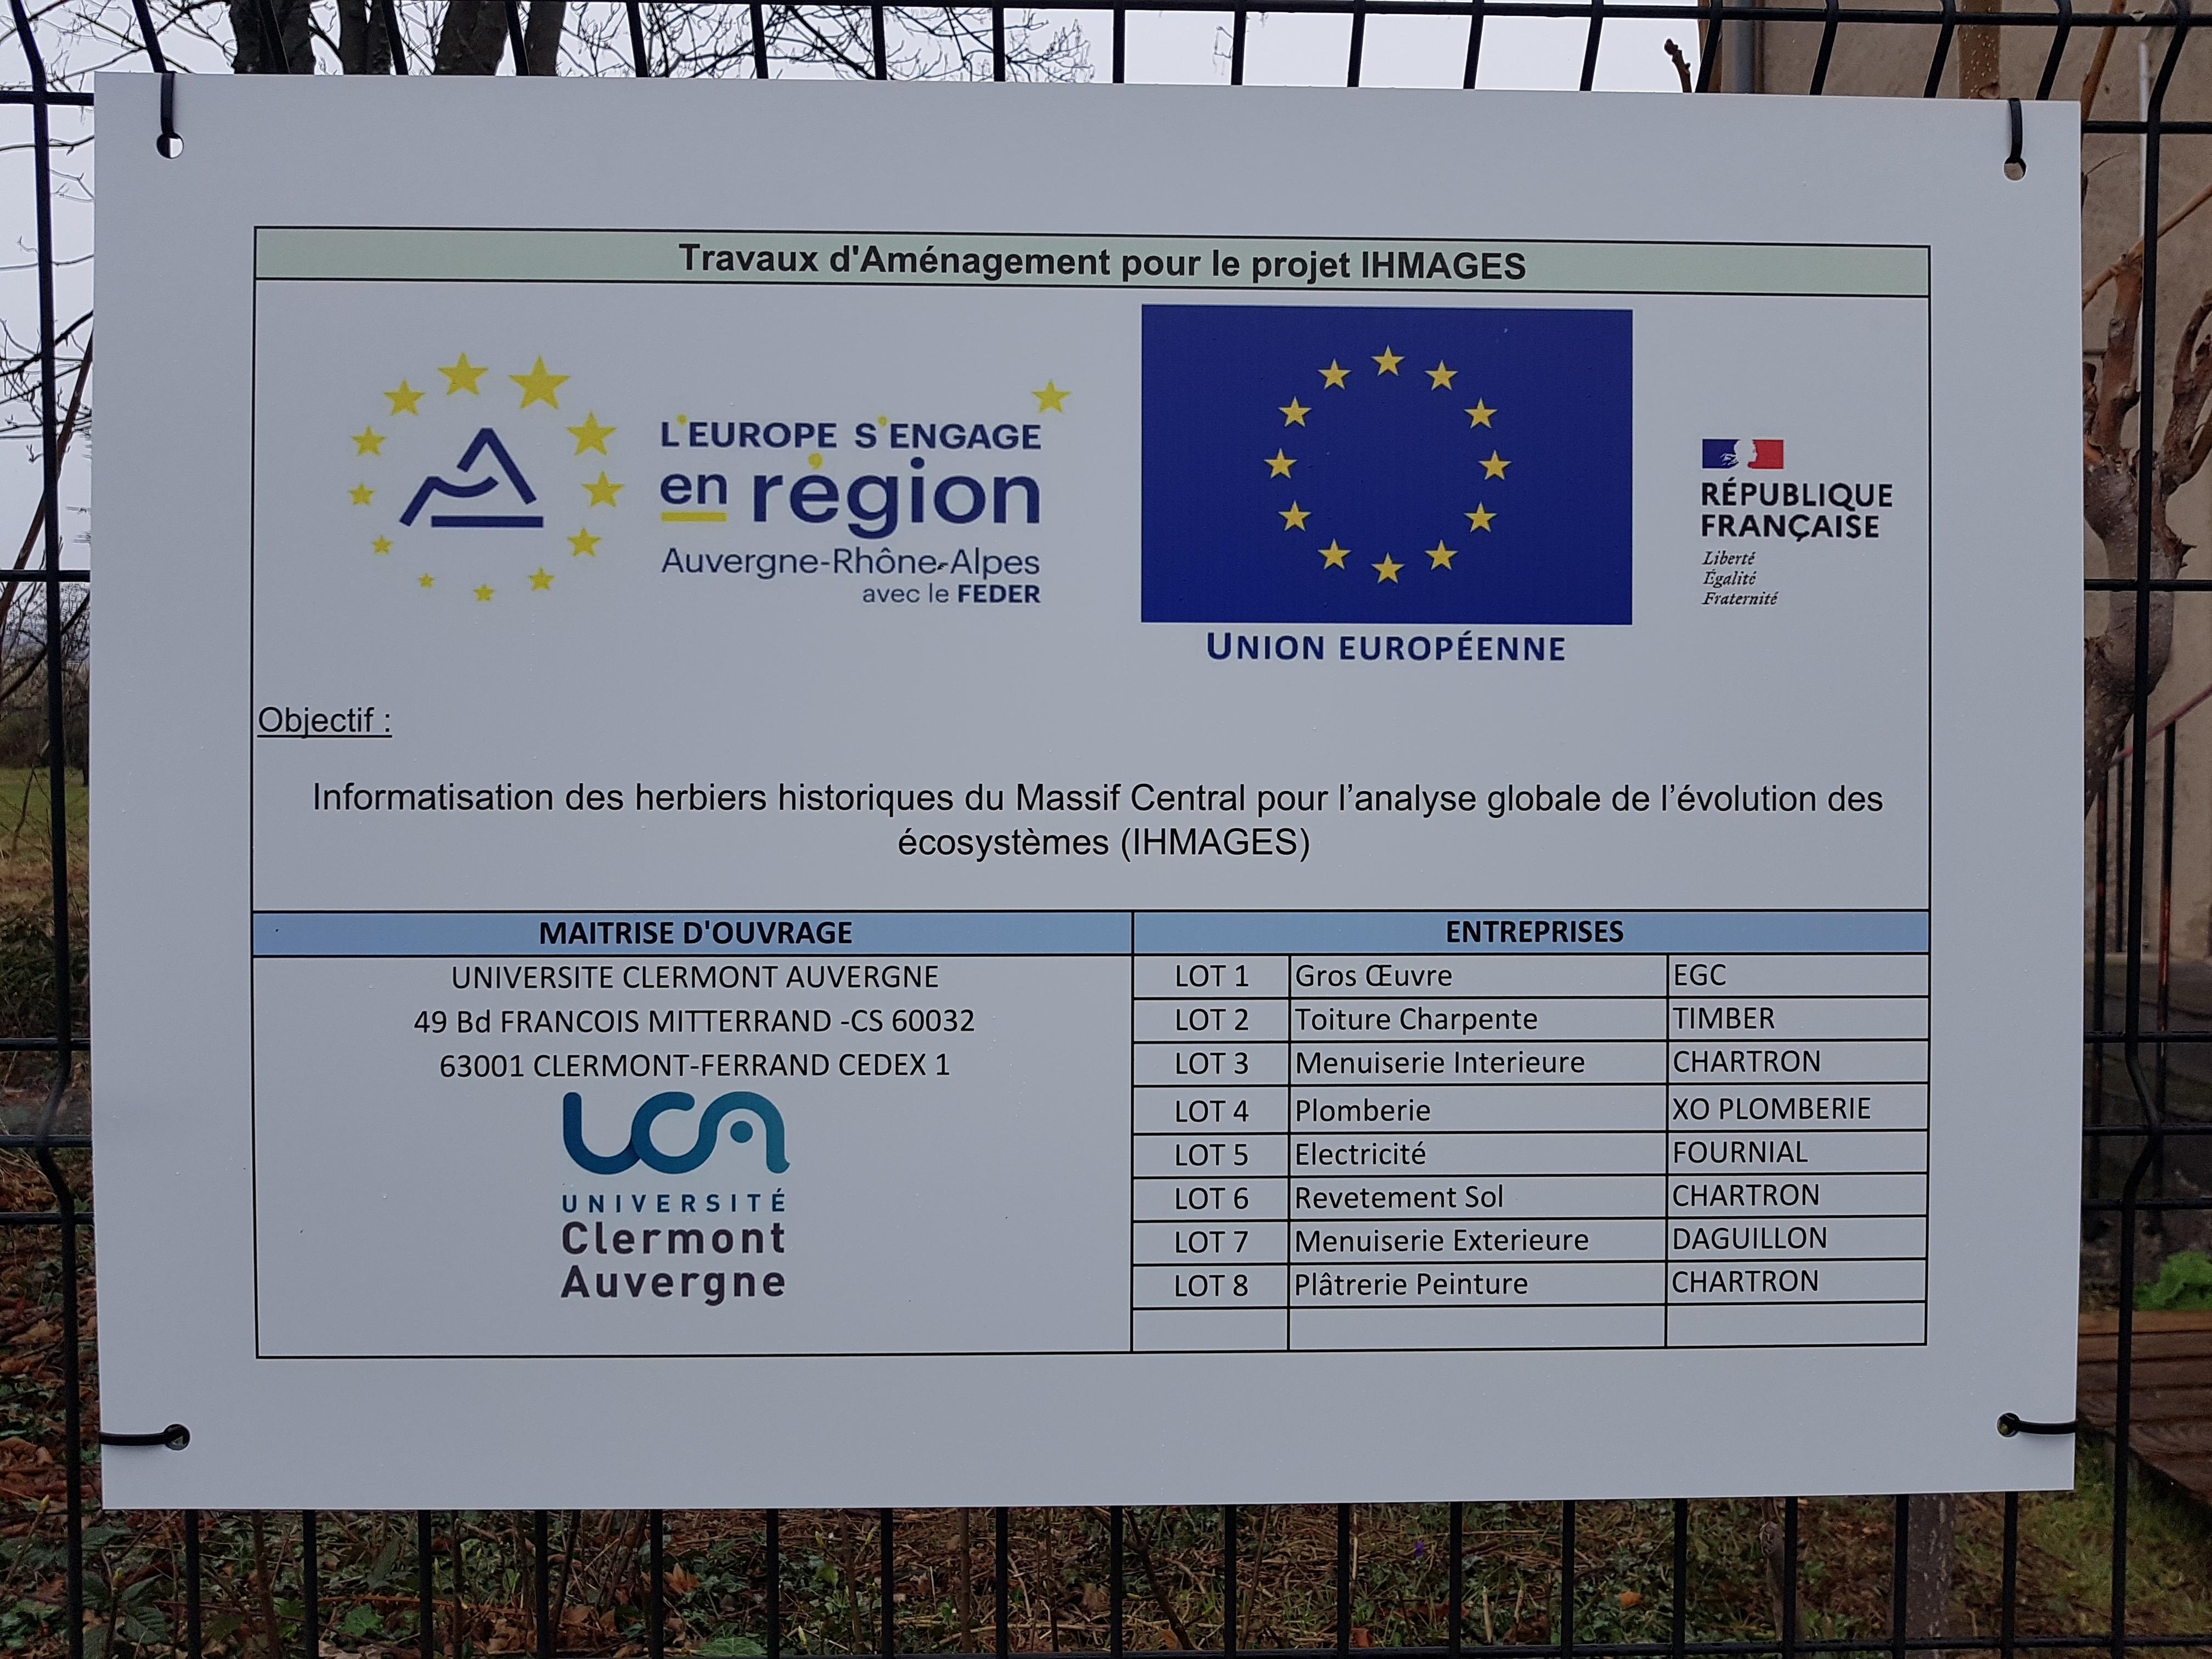 panneau de travaux au bâtiment des herbiers CLF du campus des Cézeaux